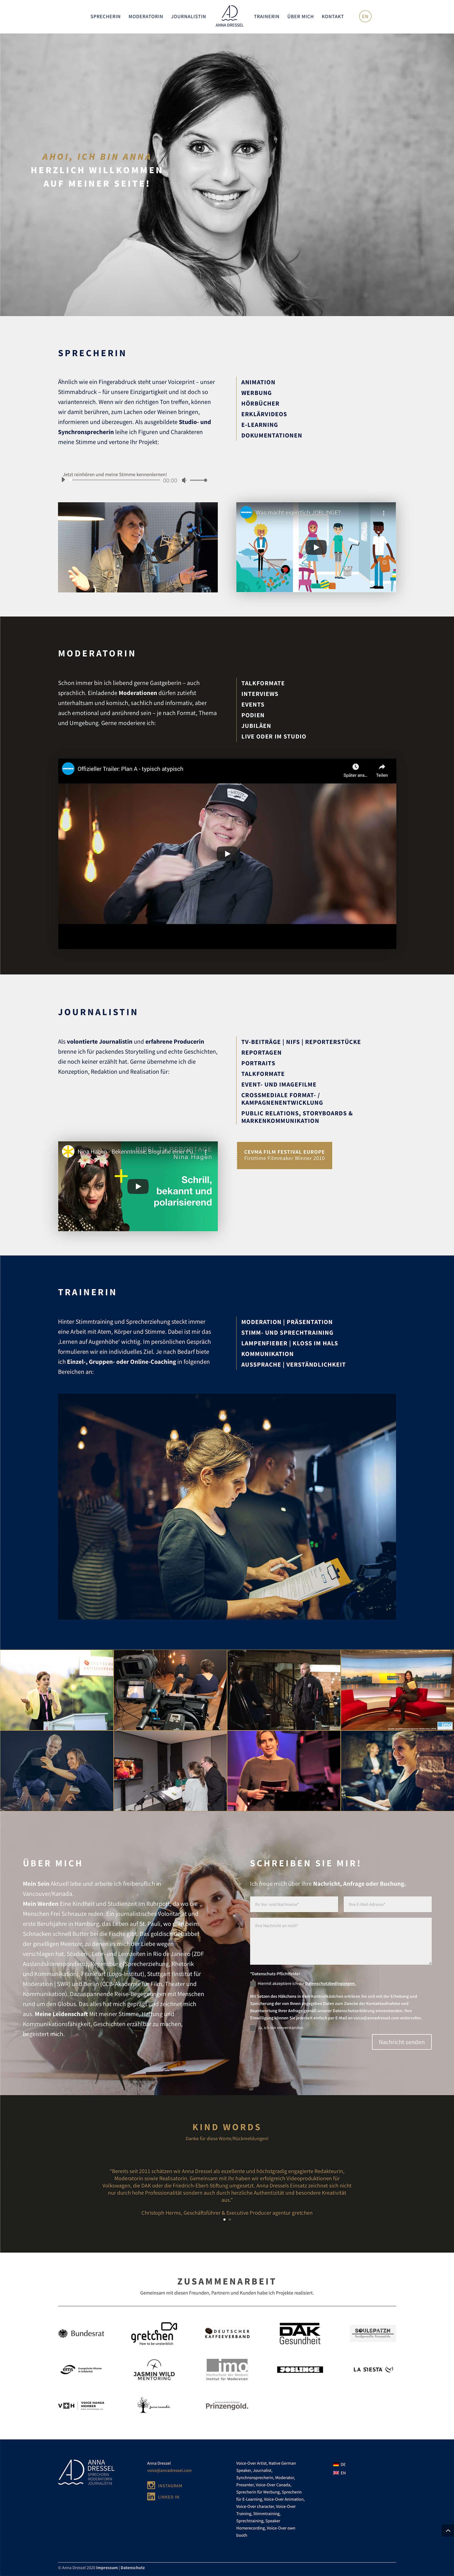 Anna Dressel Webdesign Startseite